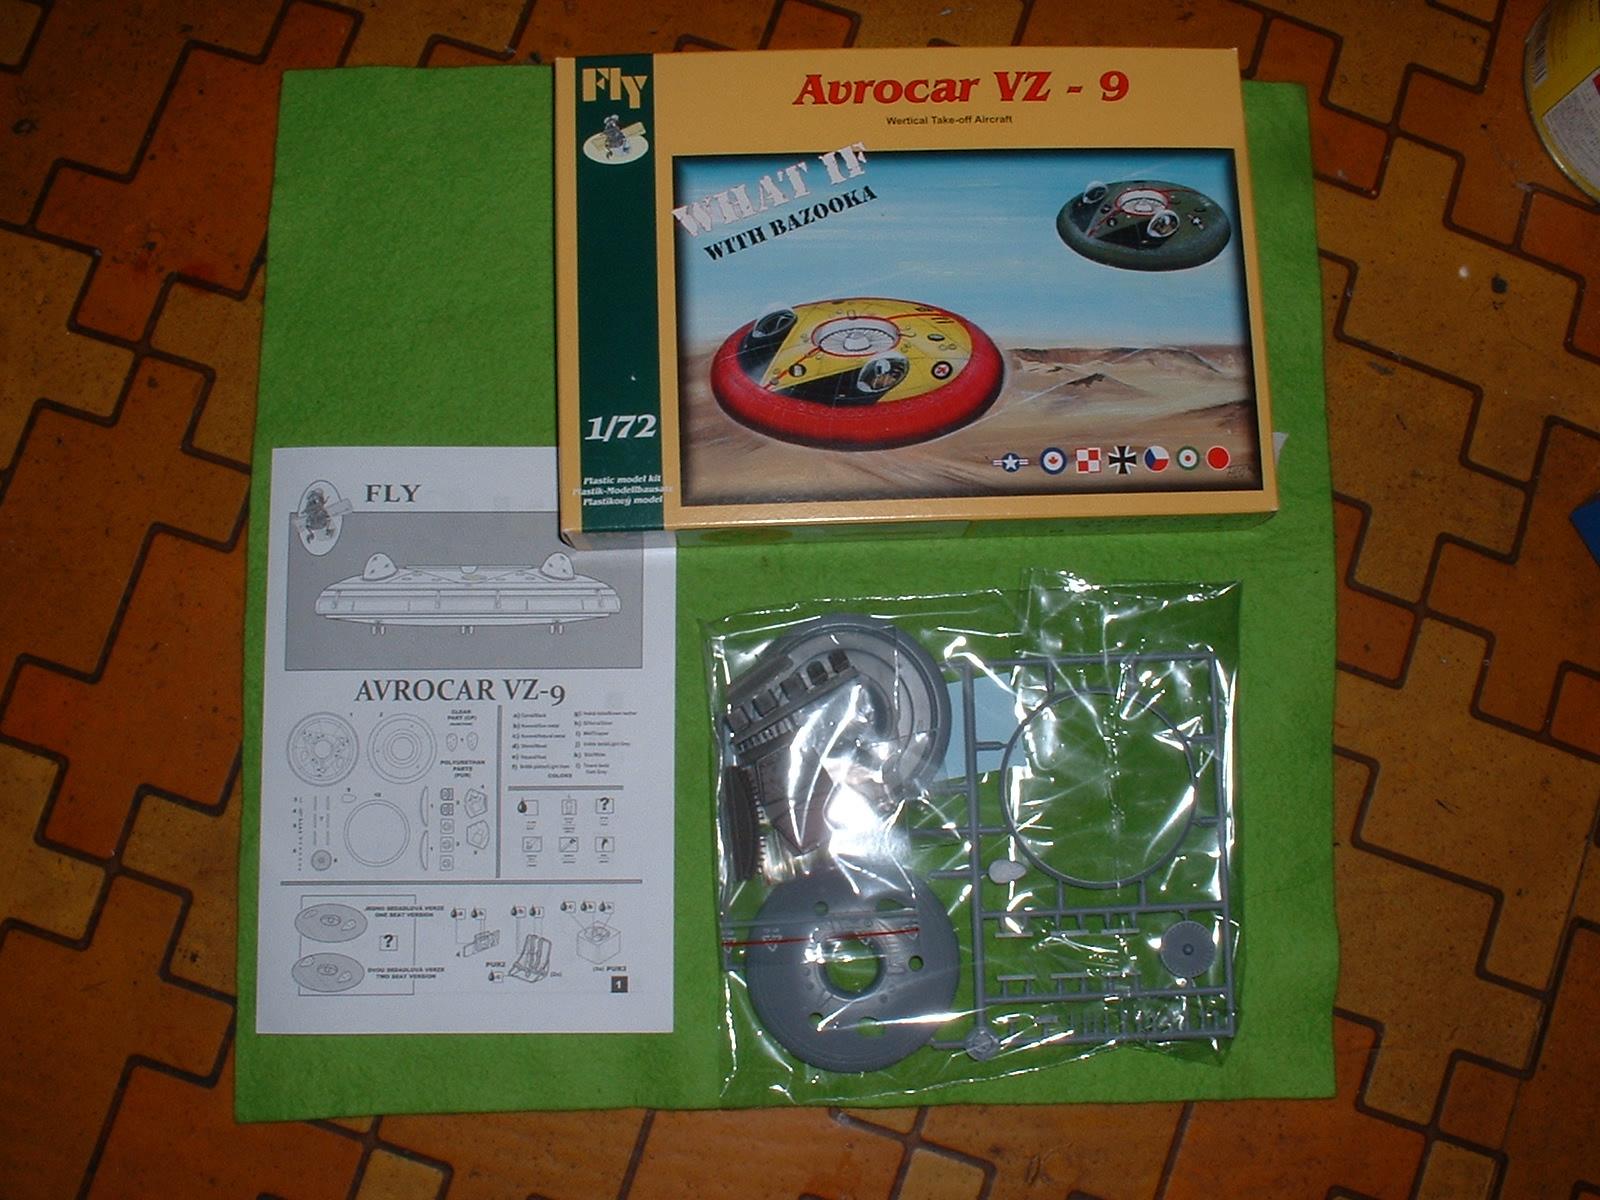 2013年8月4日の散財 72分の1 FLY社 「アブロ(カナダ) VZ-8」 Doburoku-TAO.JPG